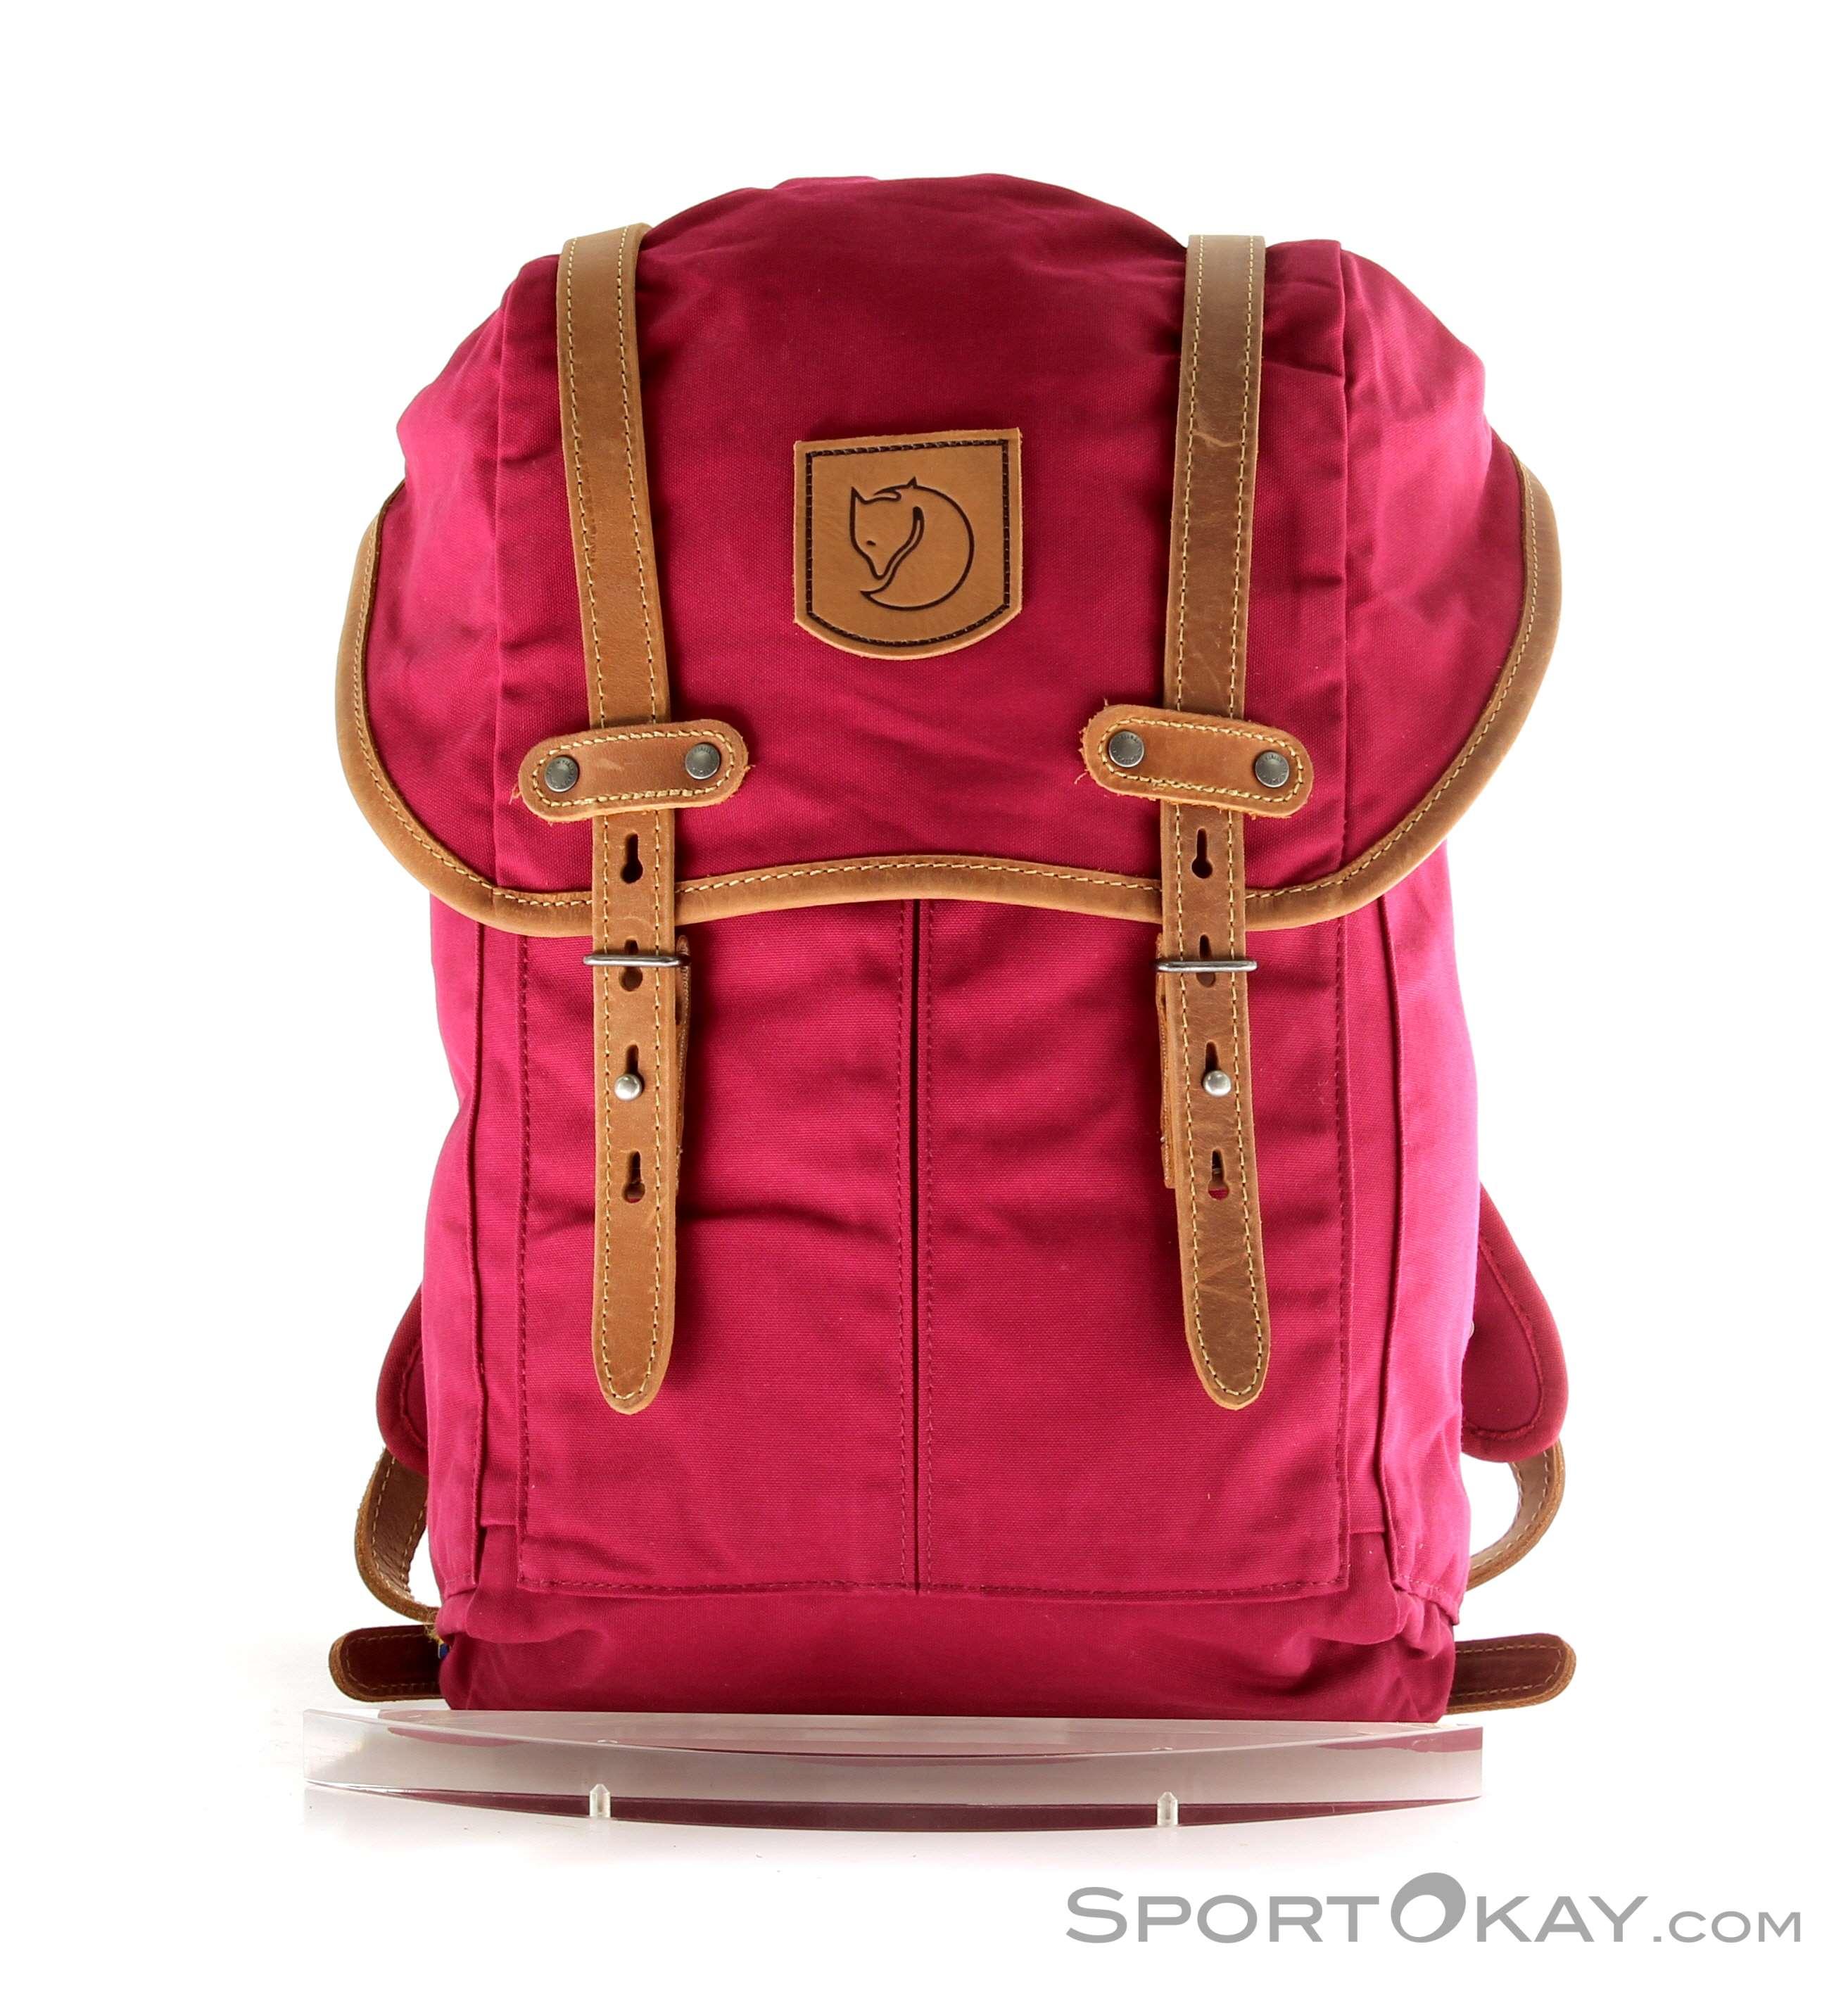 Fjällräven Fjällräven No  21 Small 15l Backpack